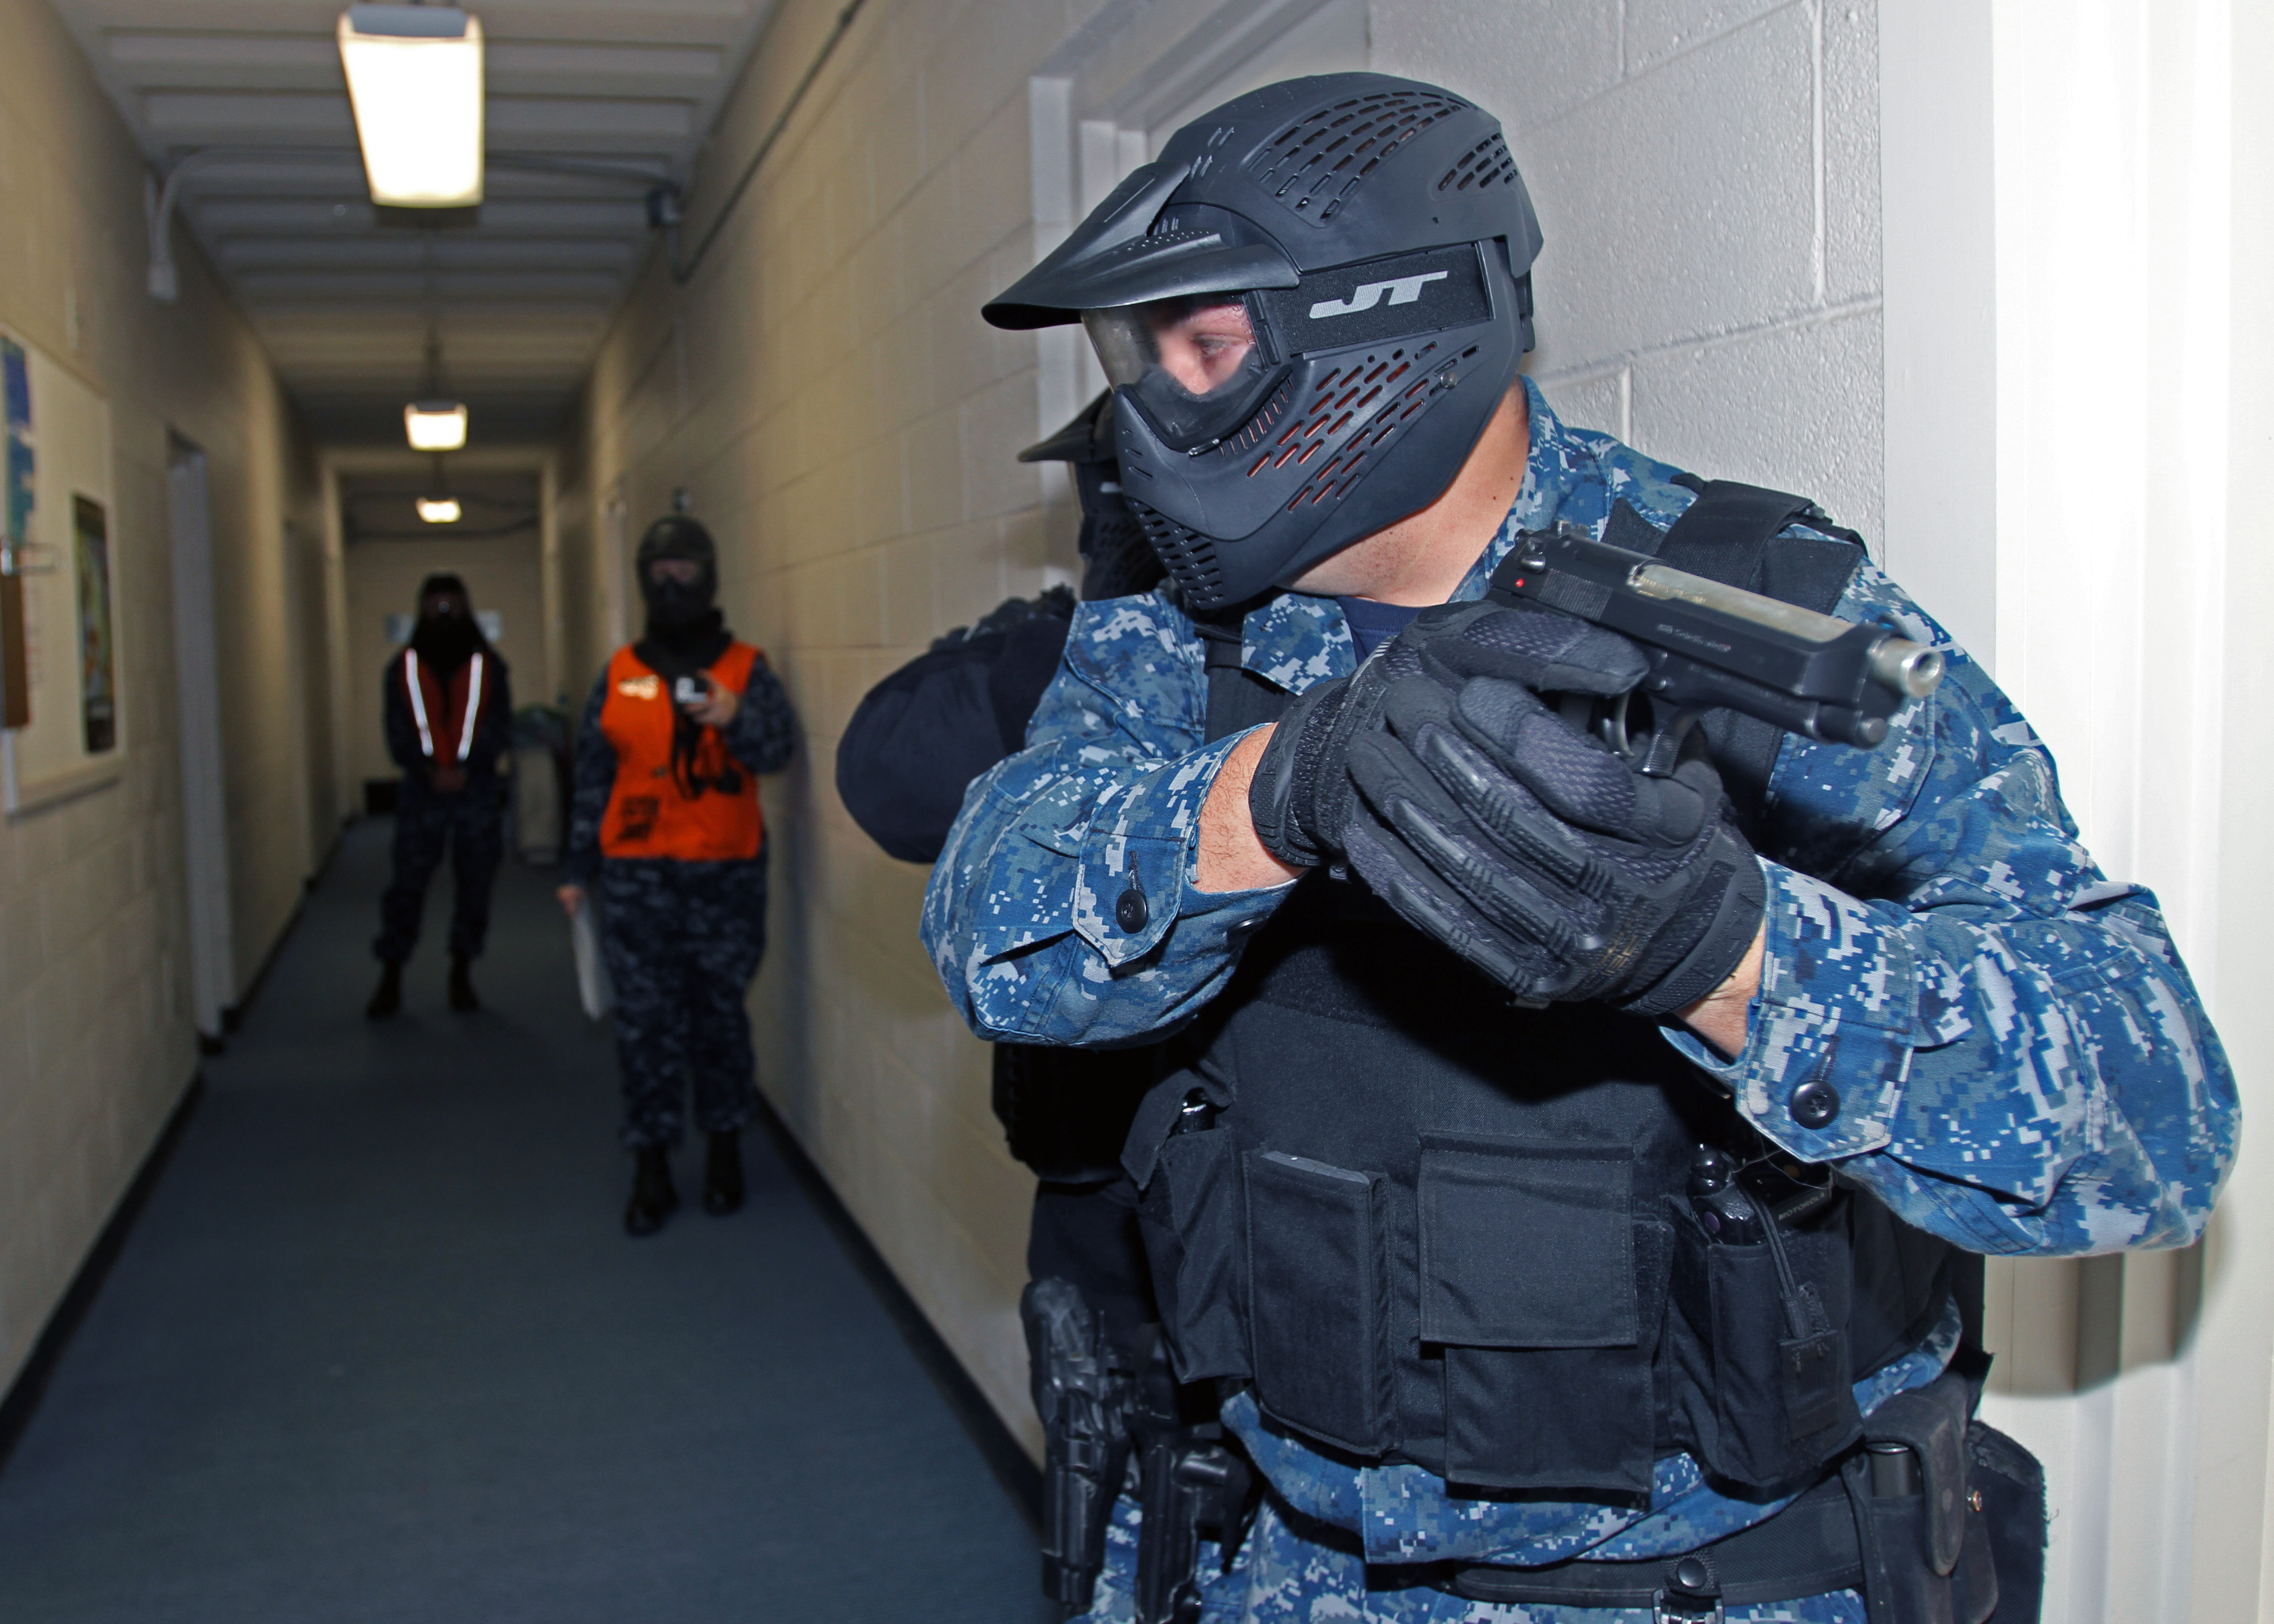 us navy master at arms